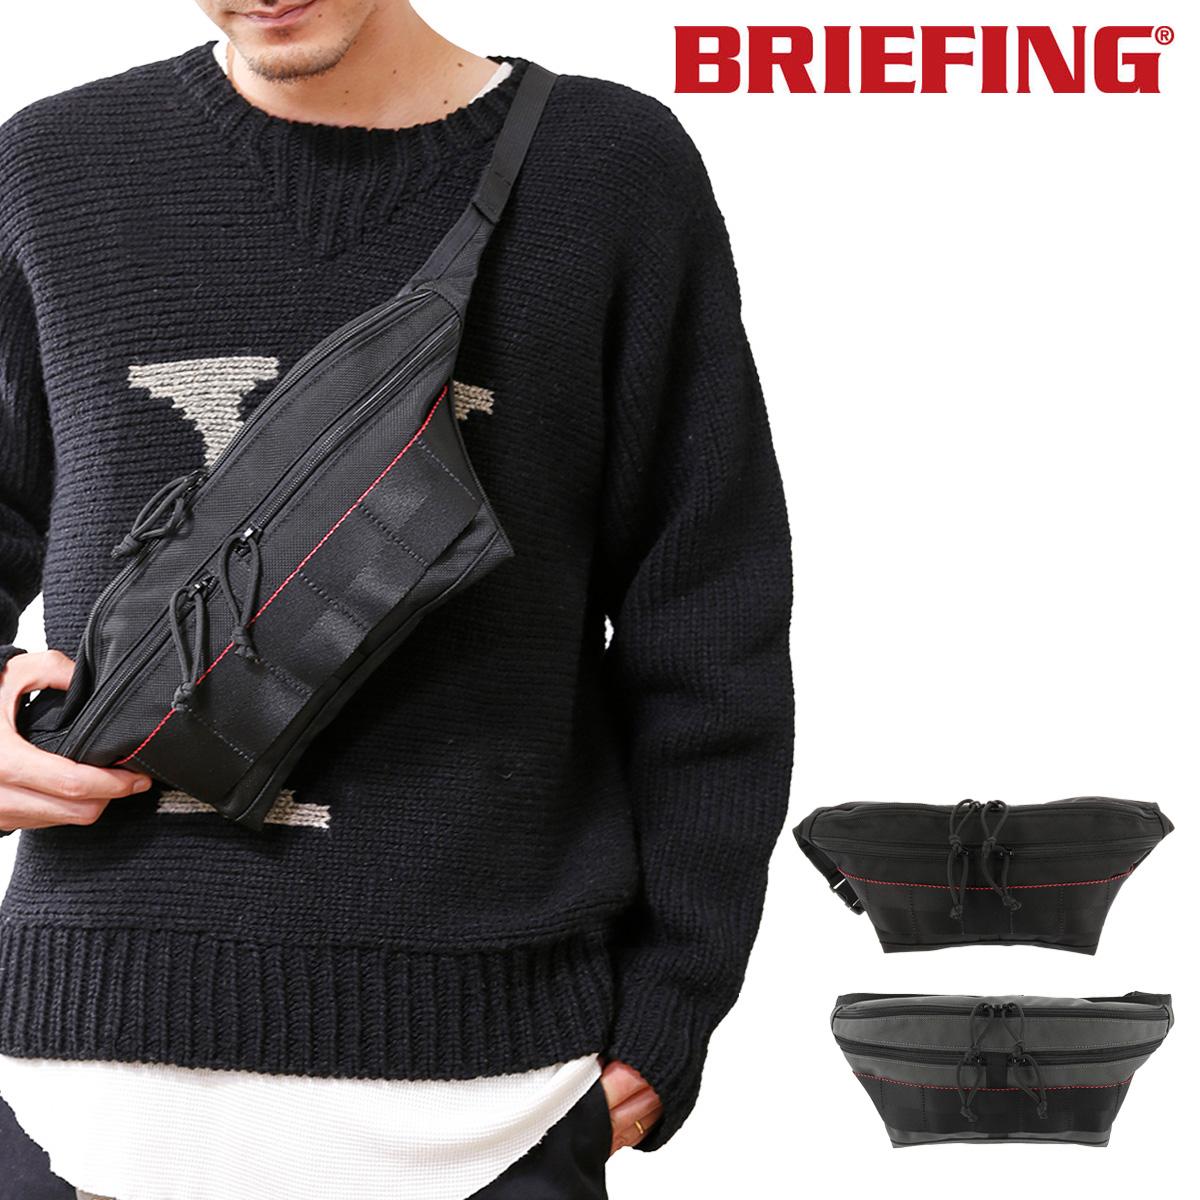 ブリーフィング ボディバッグ USA メンズ BRM183209 BRIEFING | FACE ウエストバッグ ナイロン[bef][即日発送]